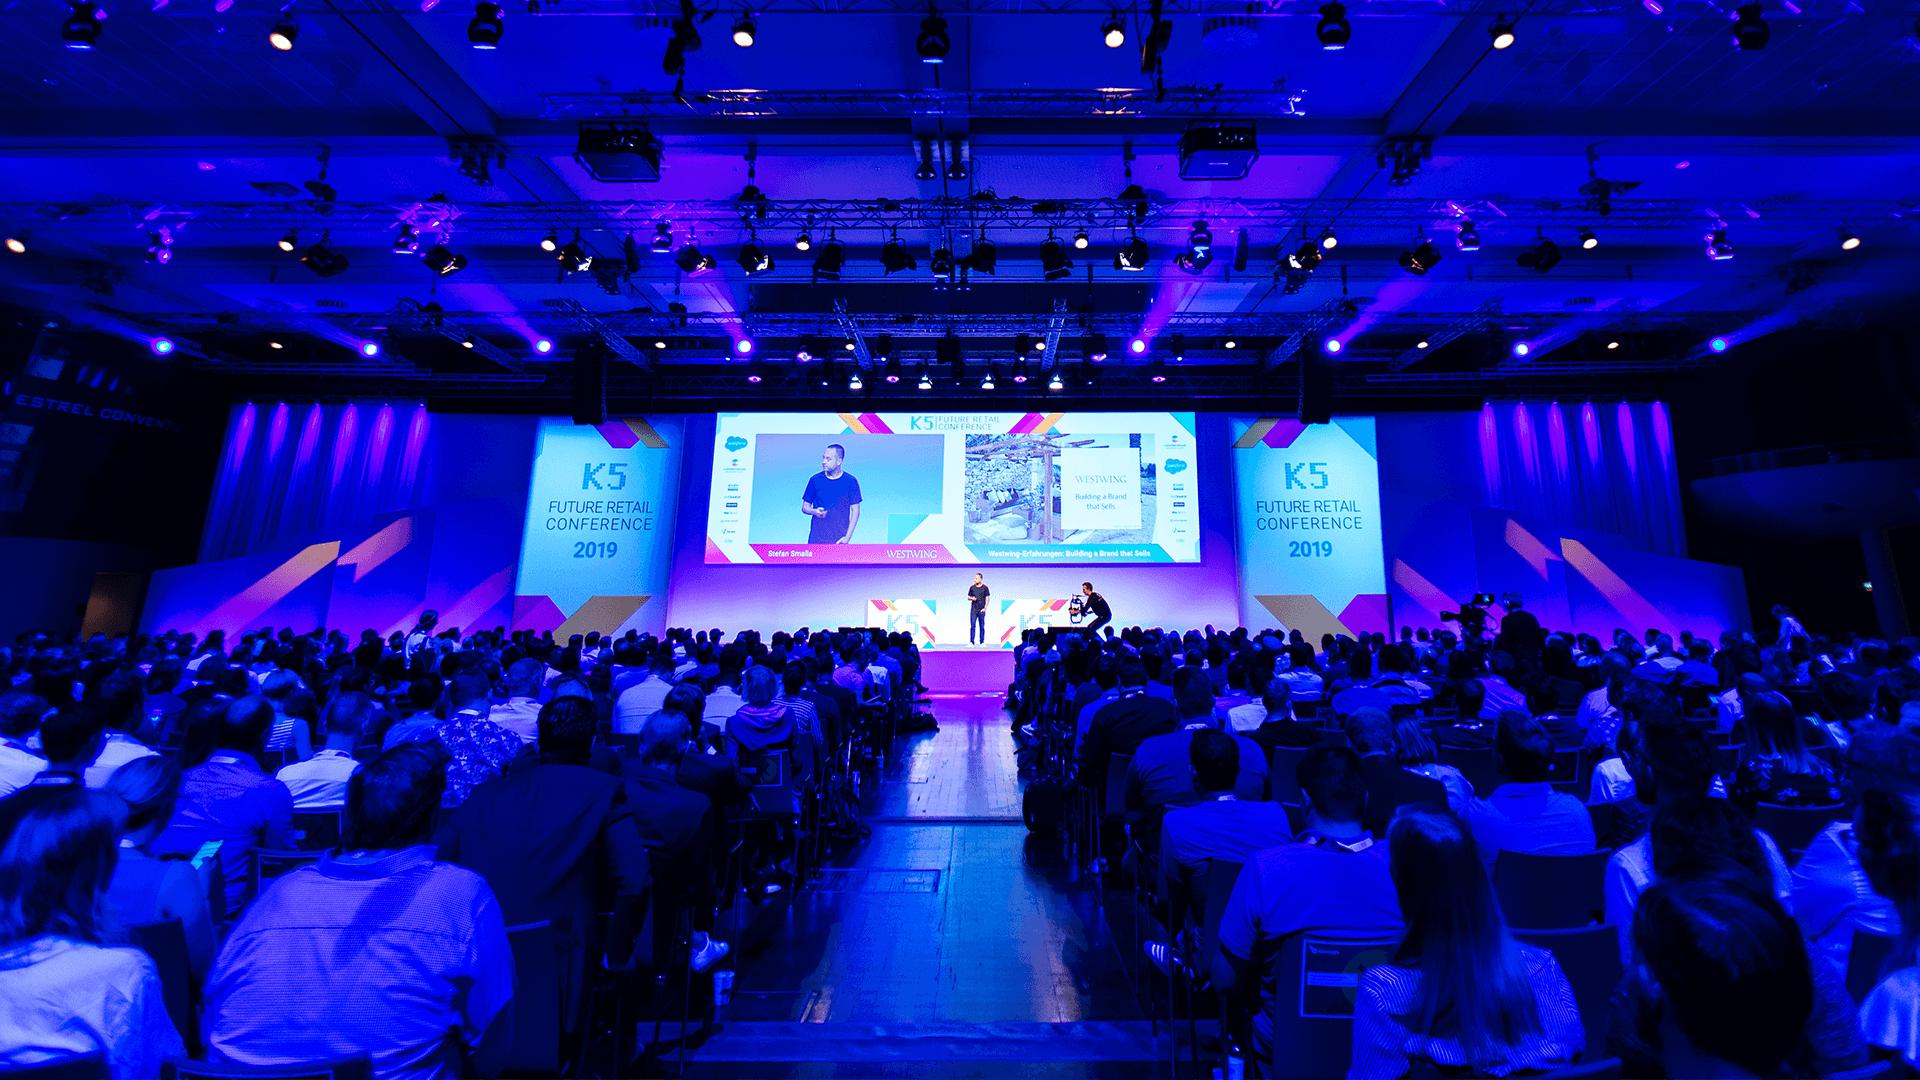 K5 Konferenz - Stage und Publikum